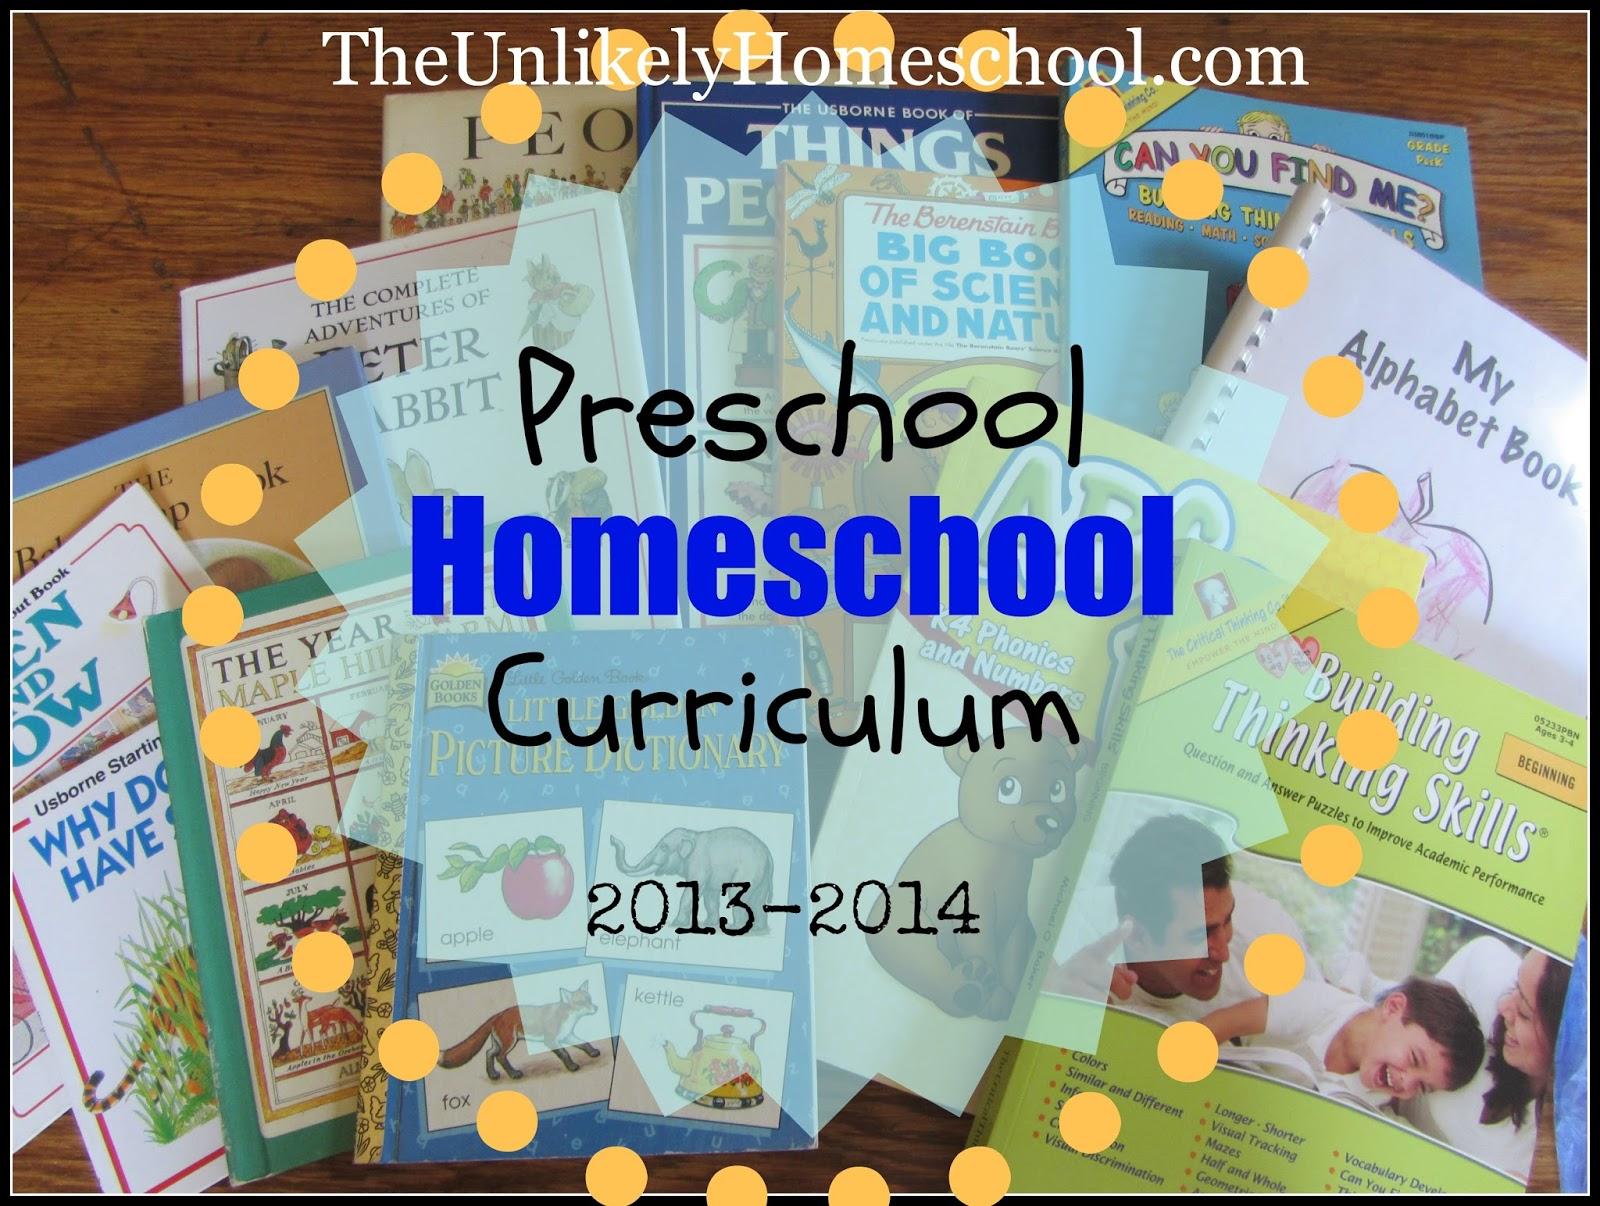 The Unlikely Homeschool Preschool Homeschool Curriculum